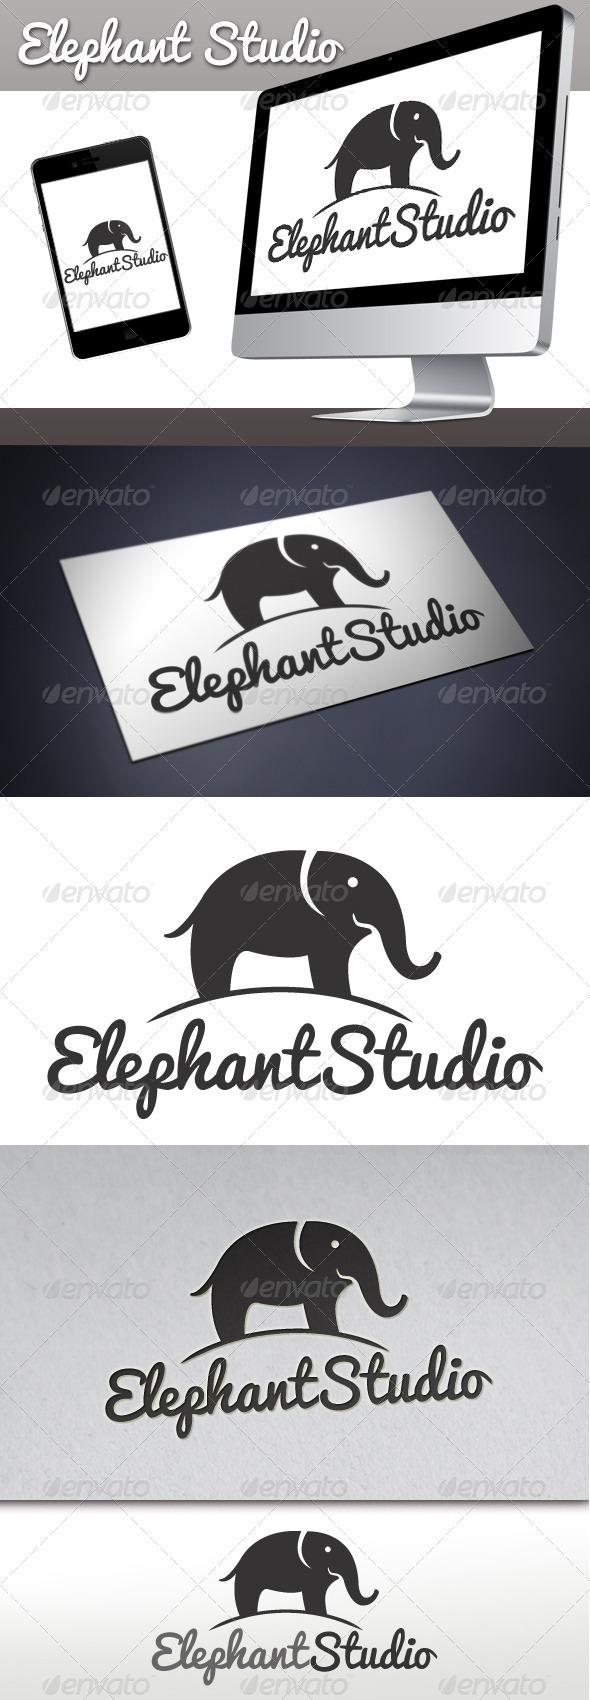 Elephant Studio Logo 1